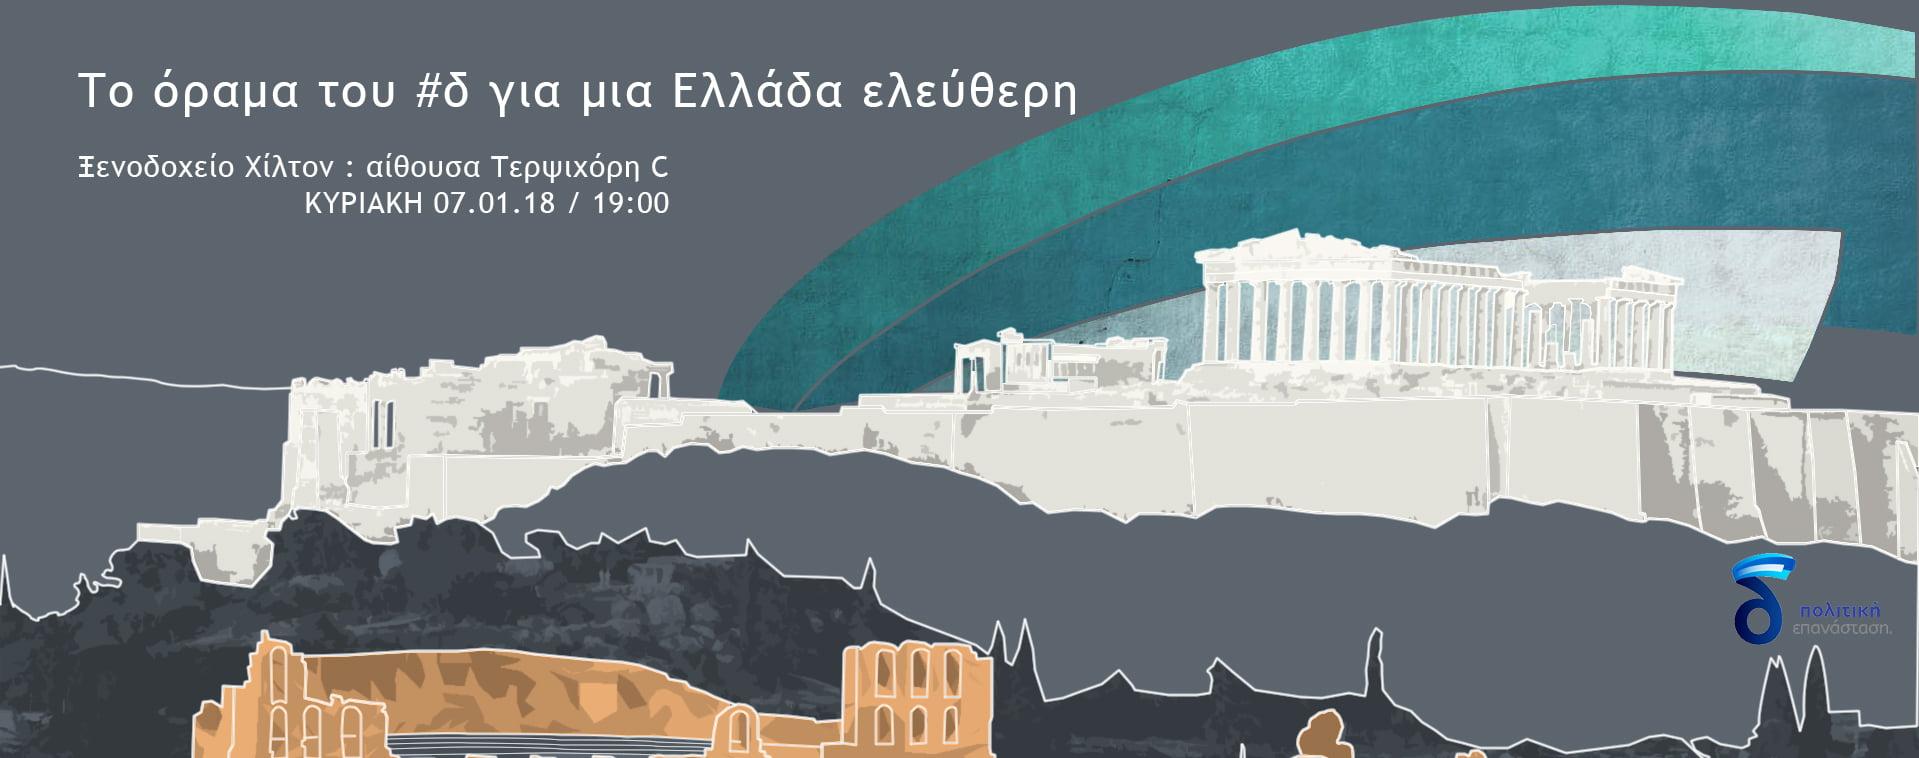 """""""Το όραμα του δ για μια Ελλάδα ελεύθερη"""" – Η πρώτη εκδήλωση του 2018 την Κυριακή 7 Ιανουαρίου"""